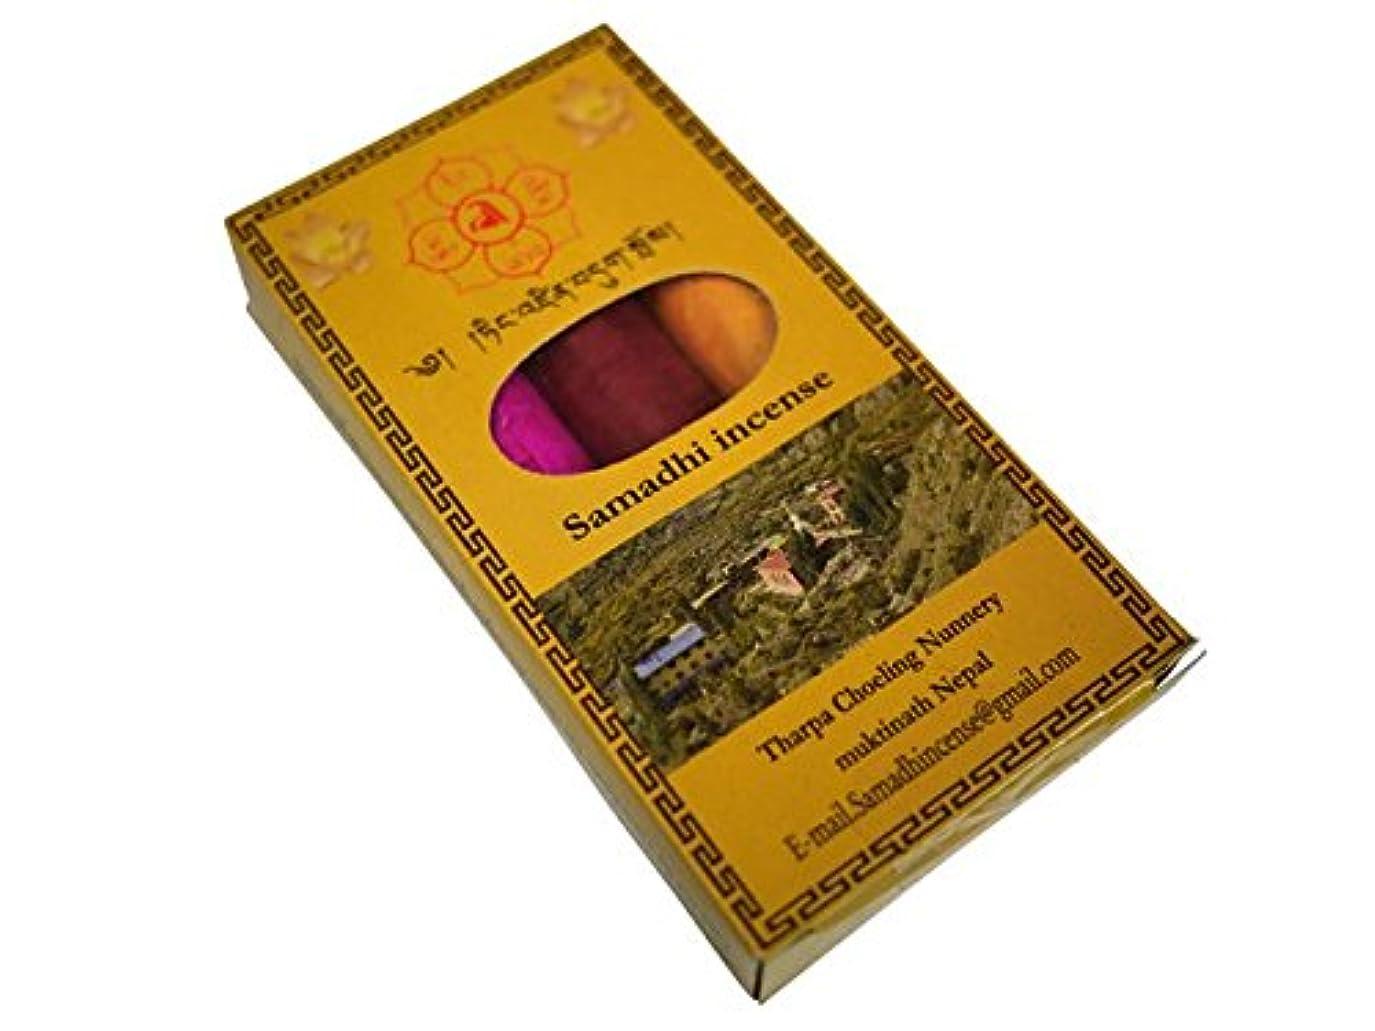 九時四十五分共和党民兵タルパチョリンナニー チベット仏教寺院タルパチョリンナニーのお香【Samadhi3in1】